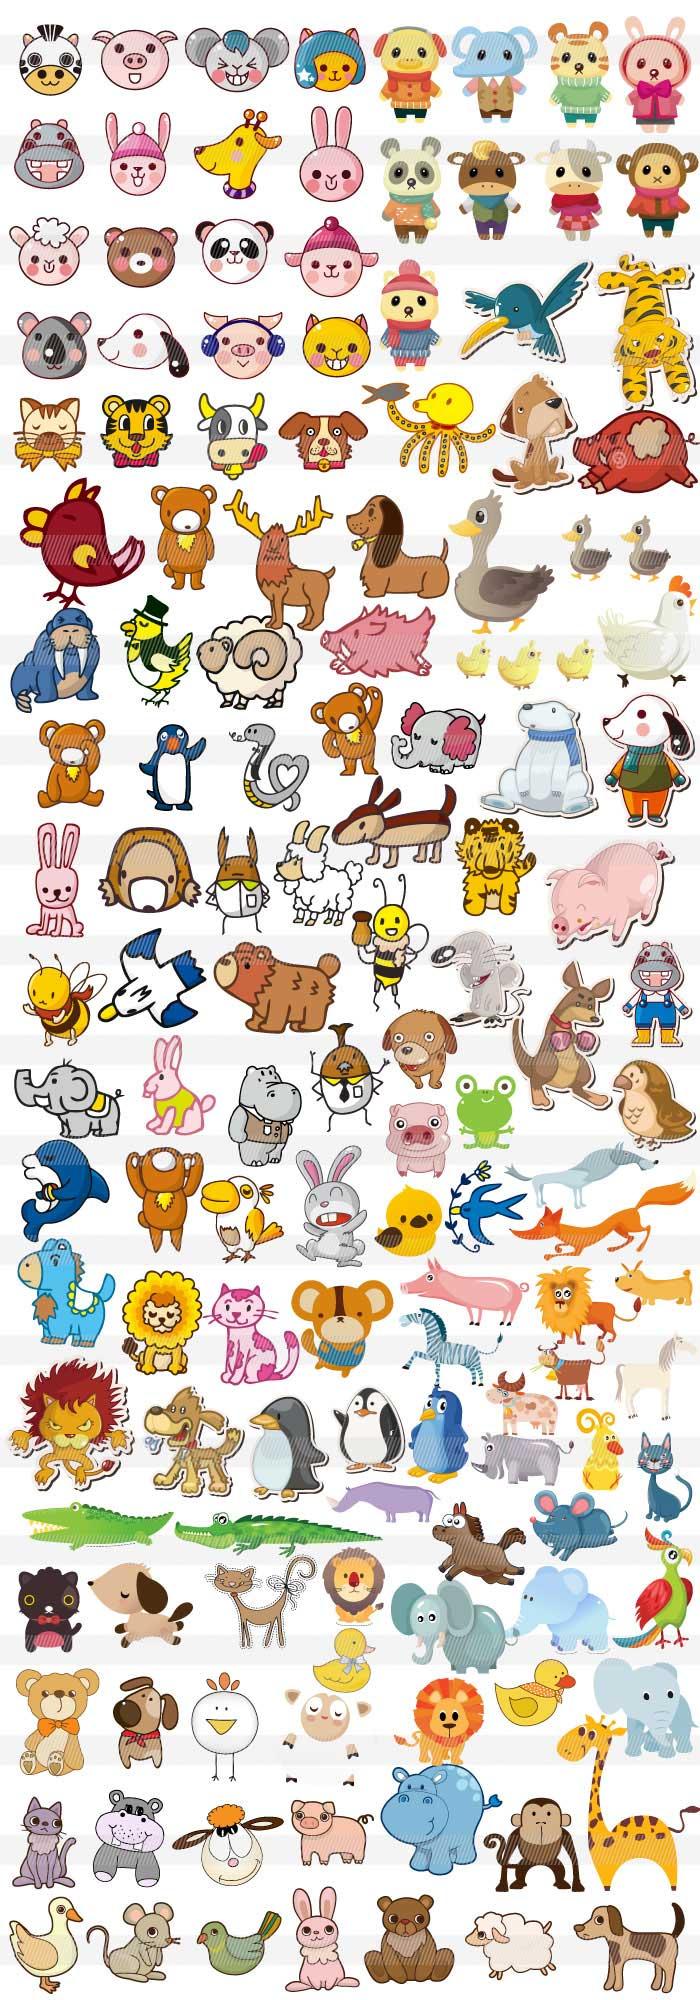 動物のキャラクター1